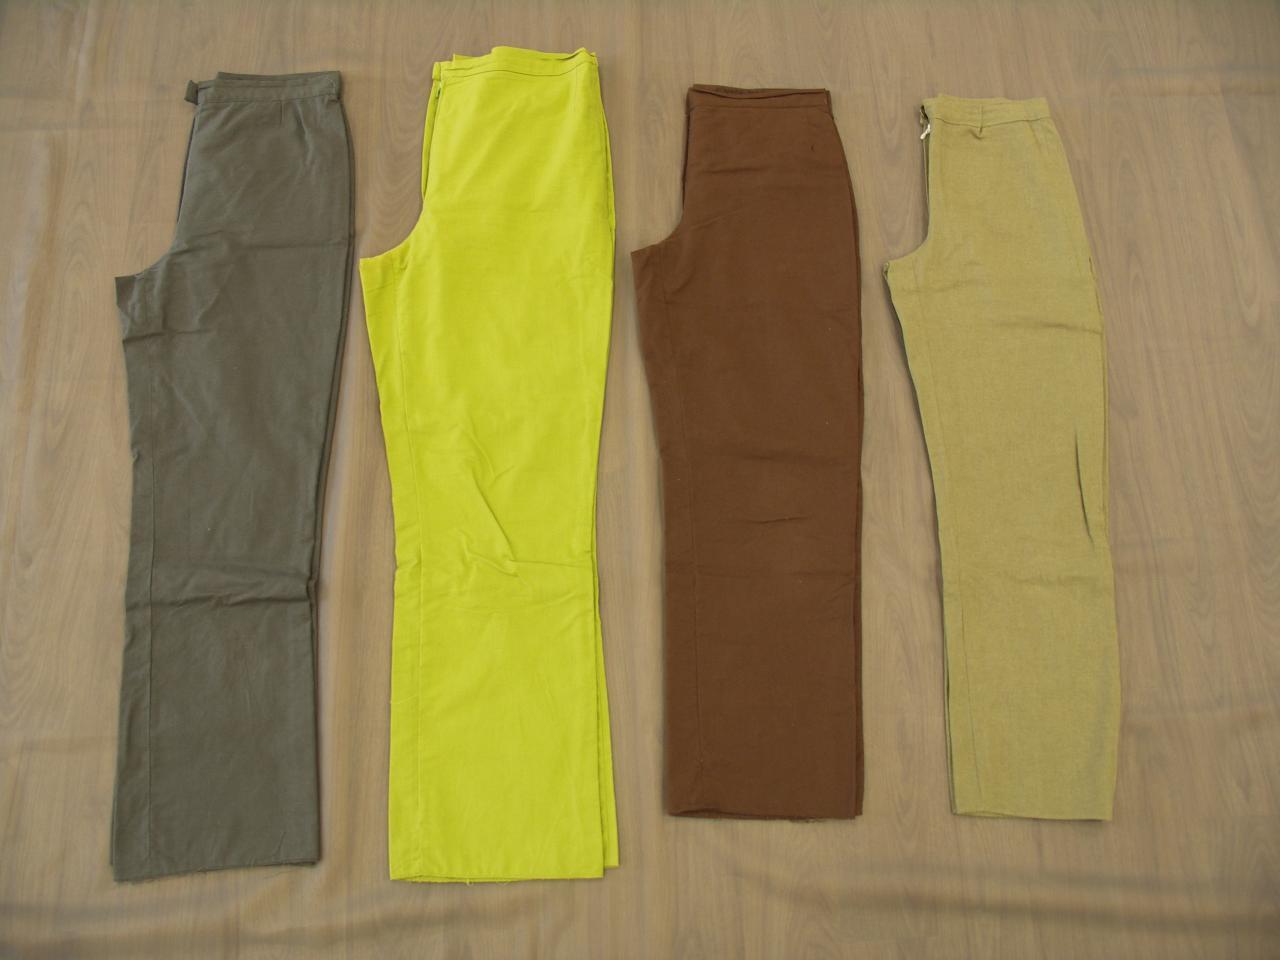 Pantalons vert, kaki, jaune et marron (x4) - 10/12 ans